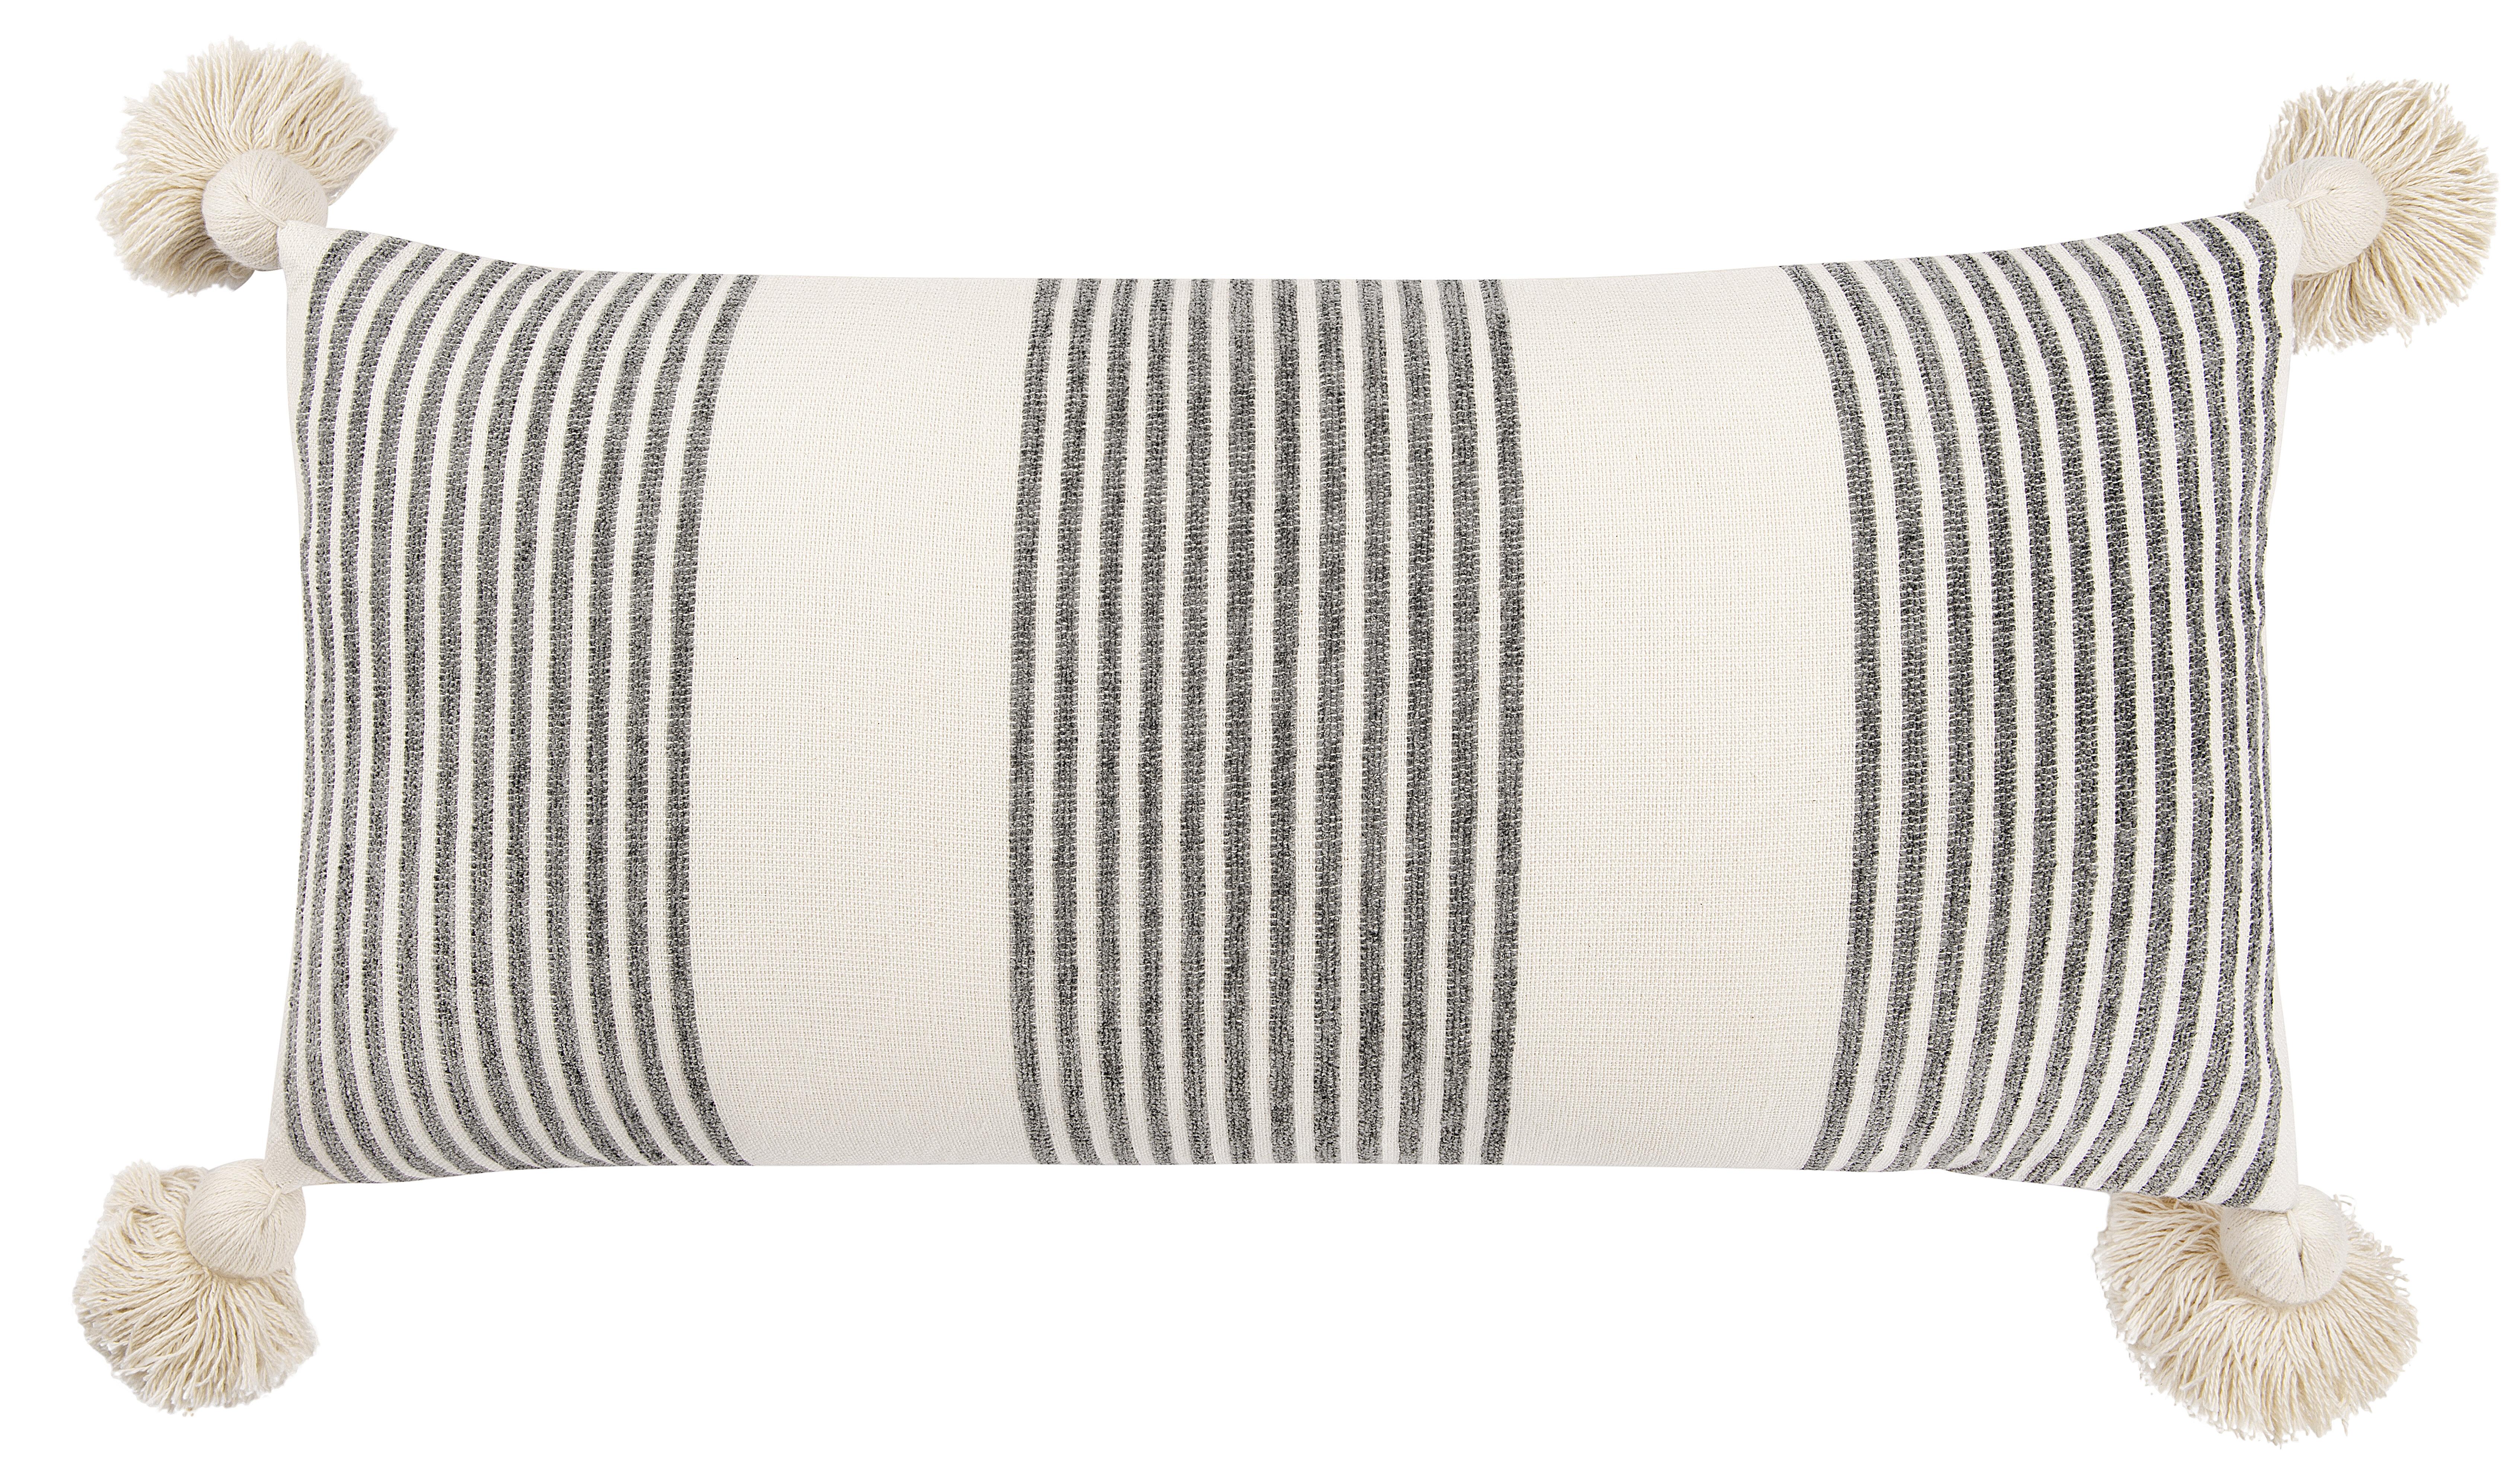 Martz Rectangular Cotton Pillow Cover And Insert Reviews Birch Lane